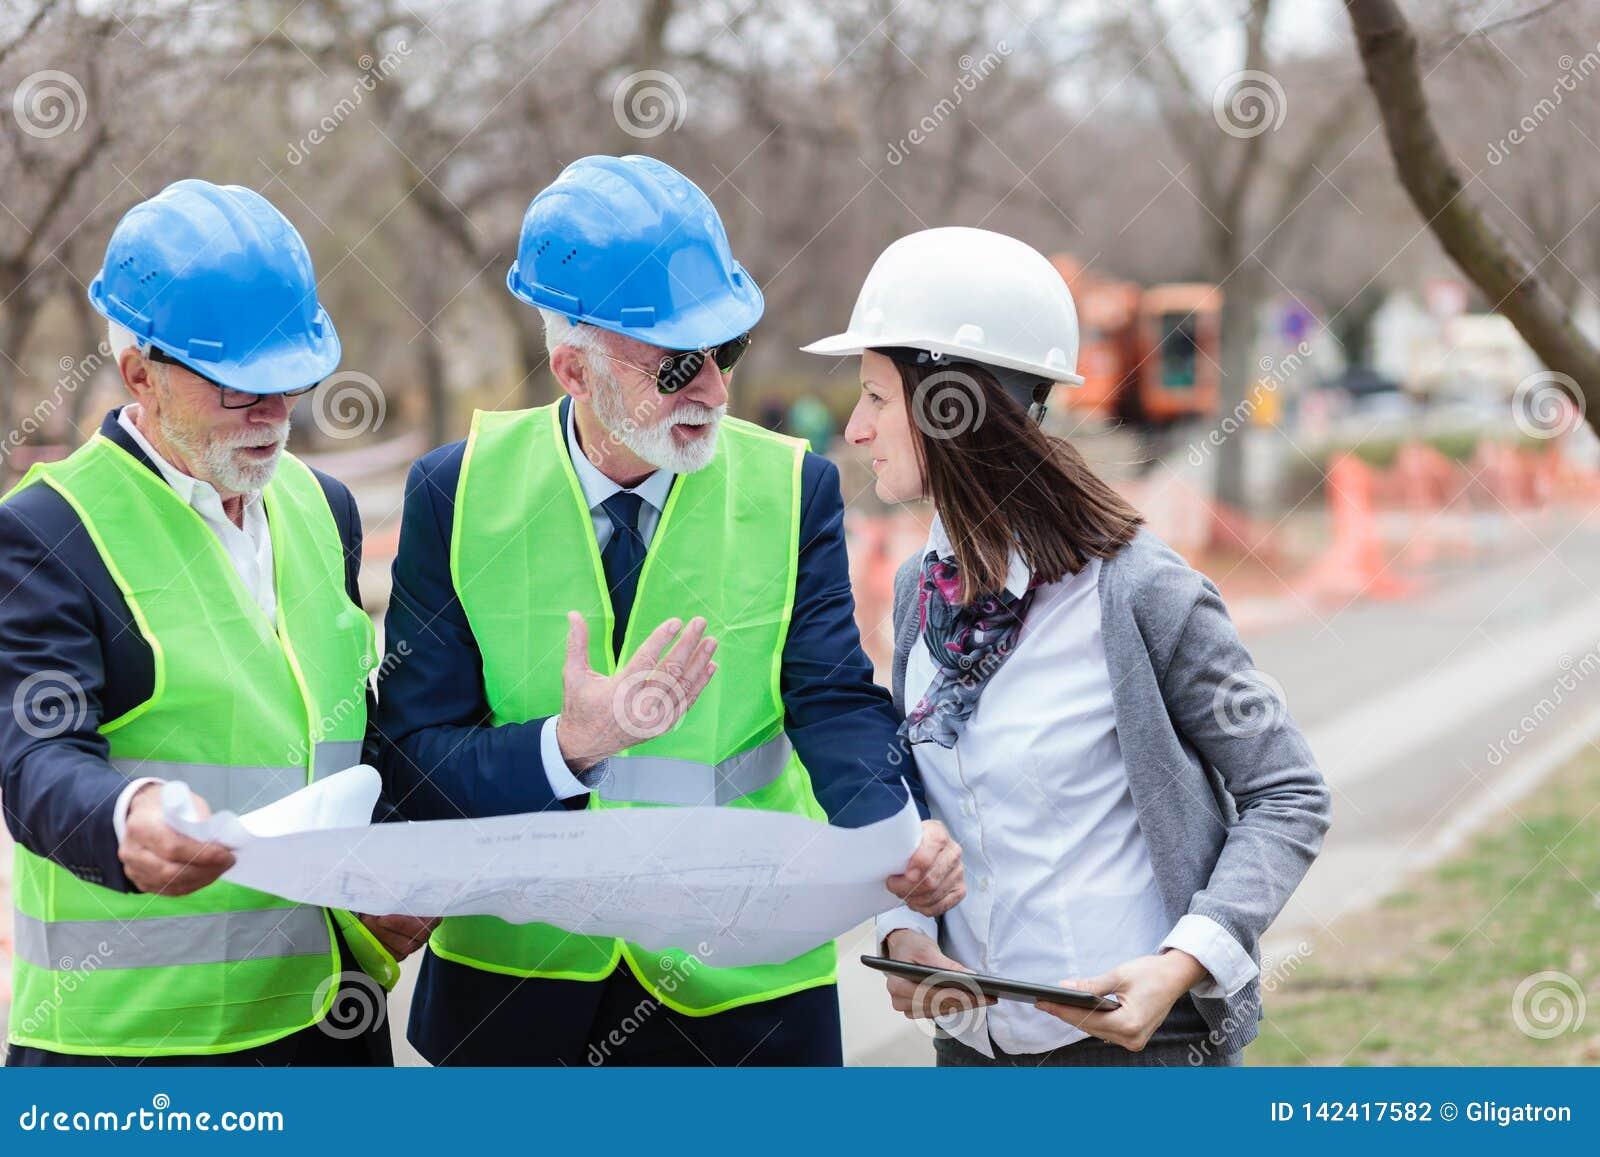 Groupe mixte d architectes et d associés discutant des détails de projet sur un chantier de construction